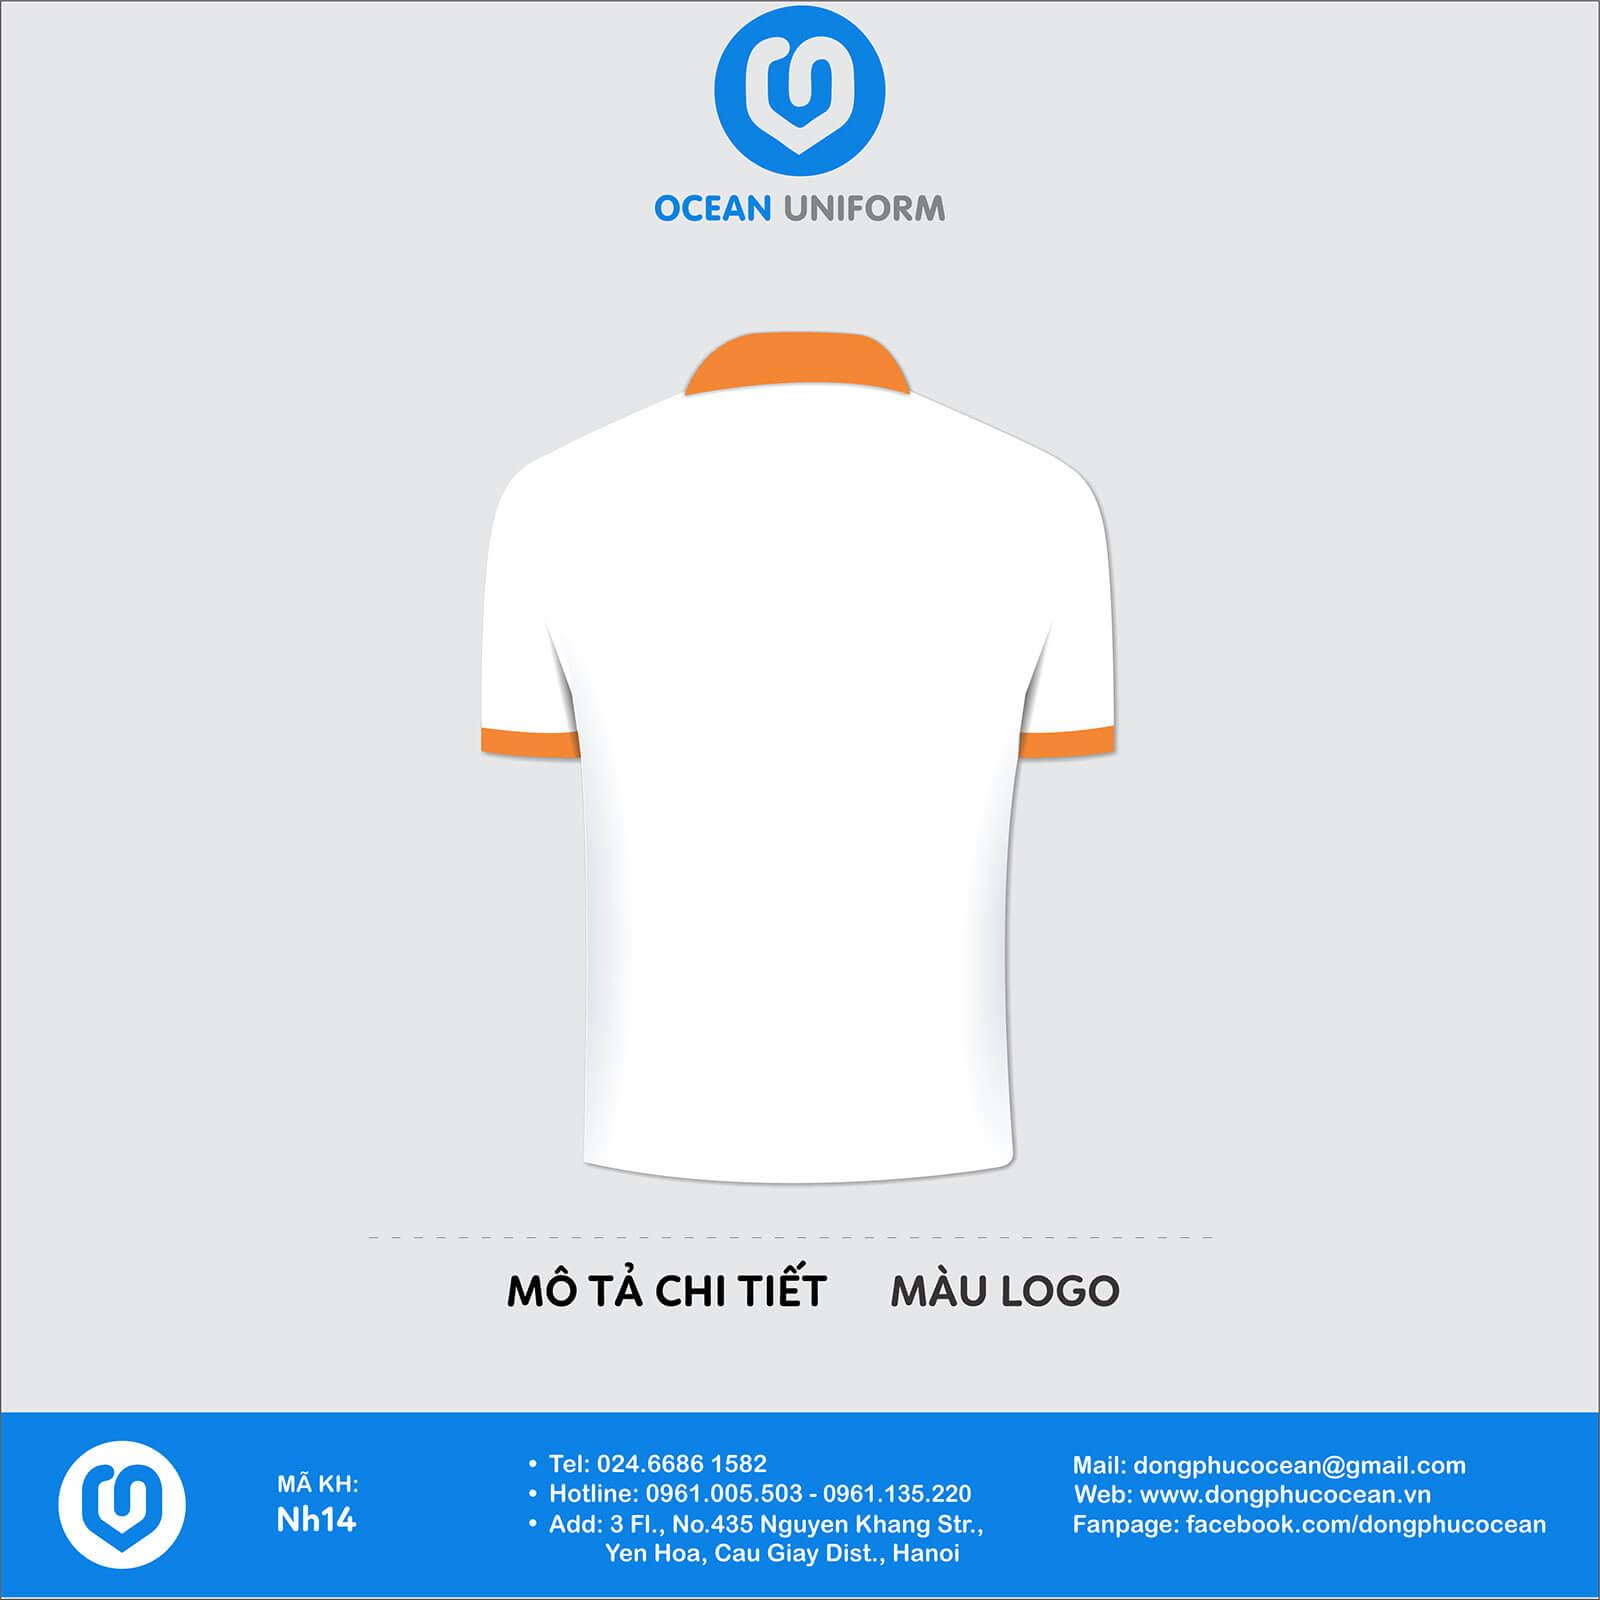 Đồng phục áo phông quảng cáo, sự kiện NH14 mặt sau